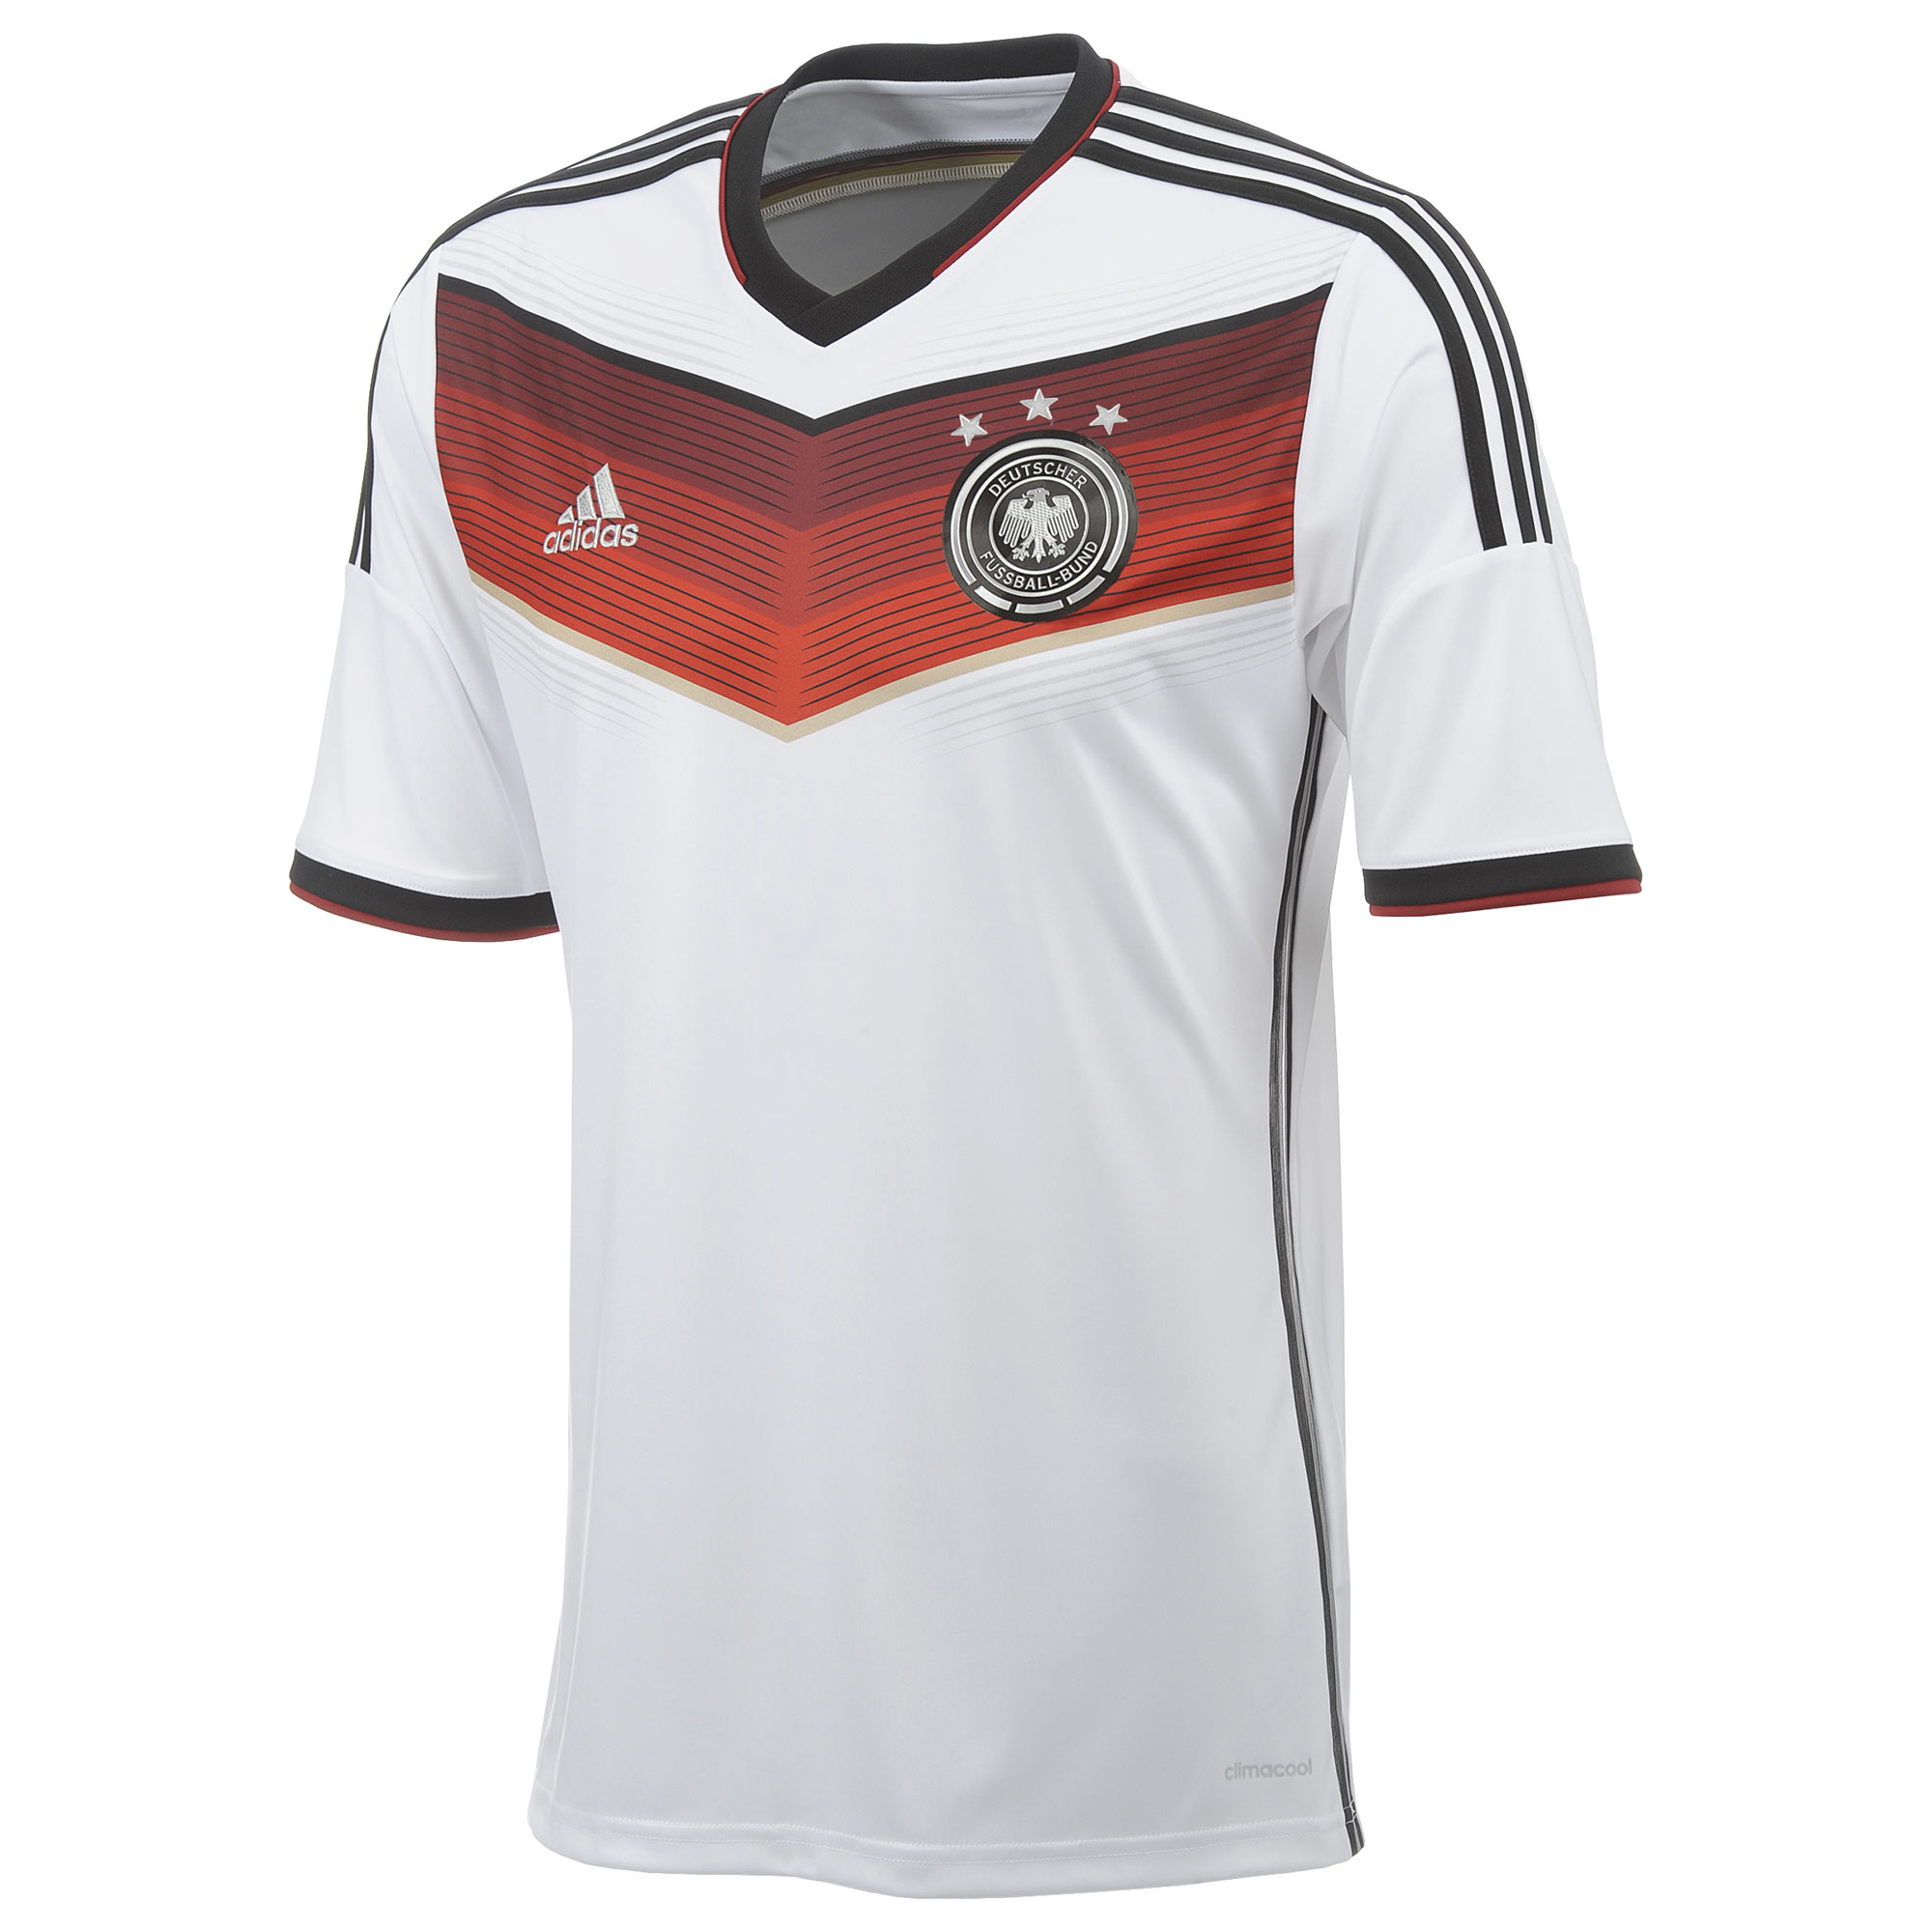 Das DFB Trikot 2014.  Foto: Adidas.de